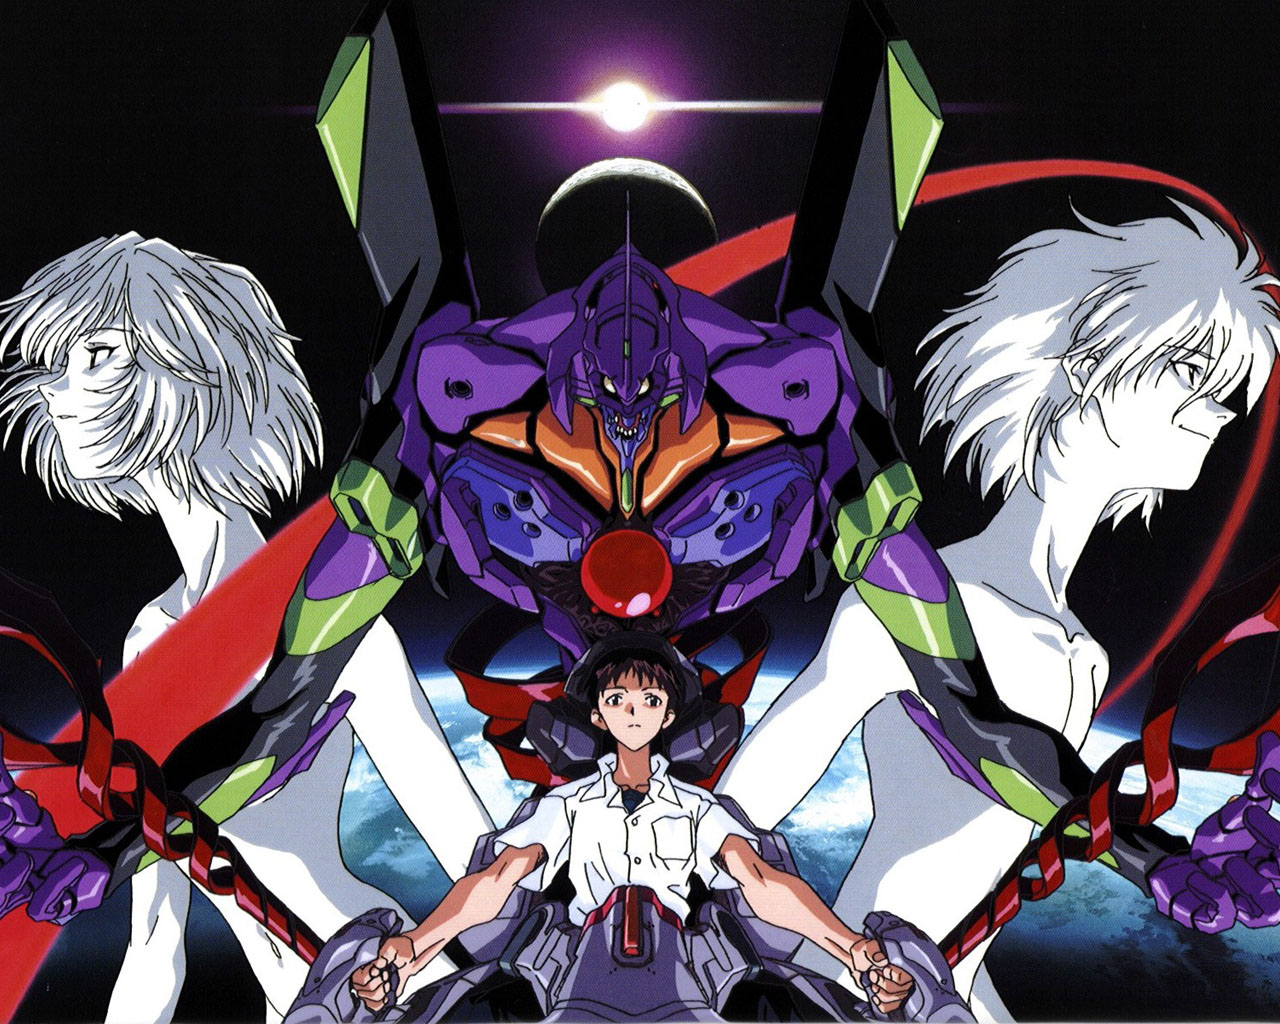 Te Recomiendo Estos Animes. entra!!